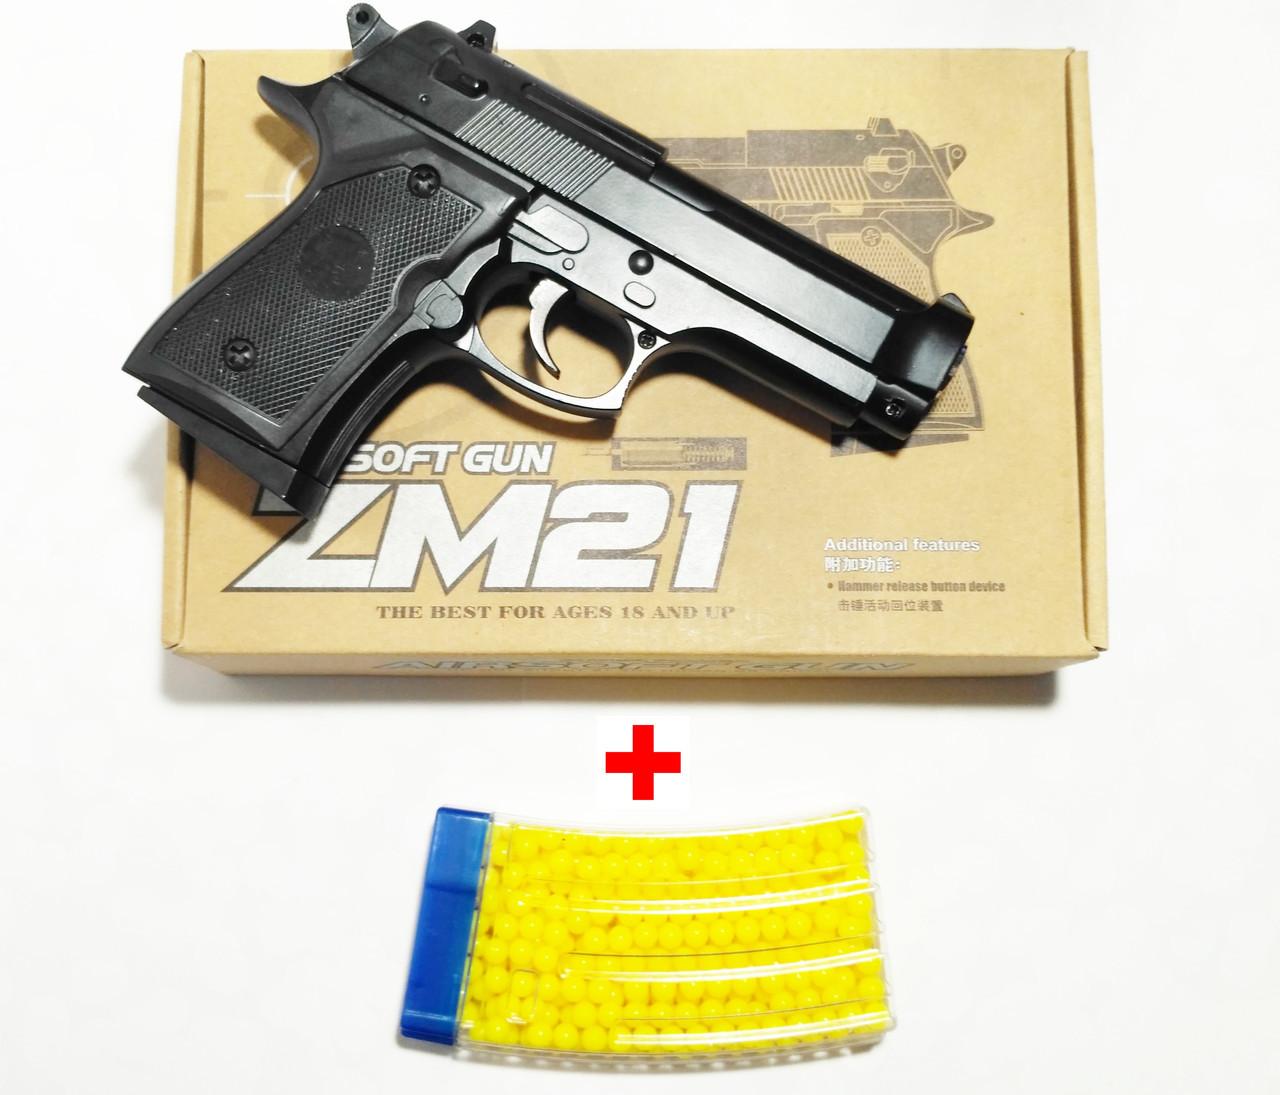 Zm21 стреляет пульками, металлический корпус, оружие для детей, игрушечное оружие